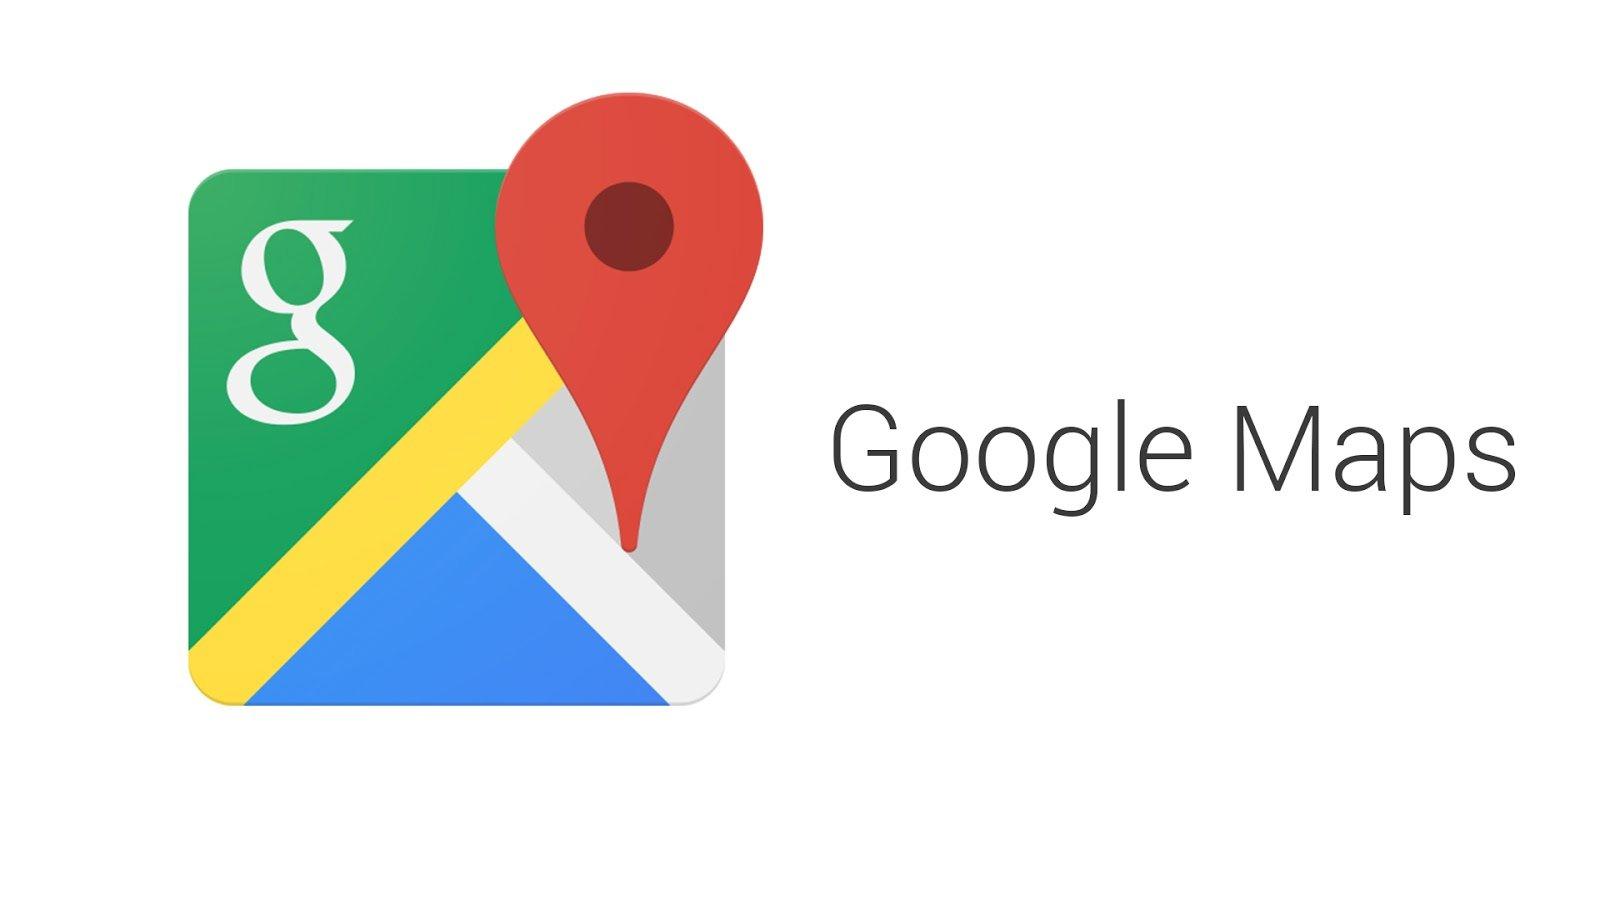 Юзеры  заставили разработчиков убрать «оскорбительную» функцию изприложения Google Maps